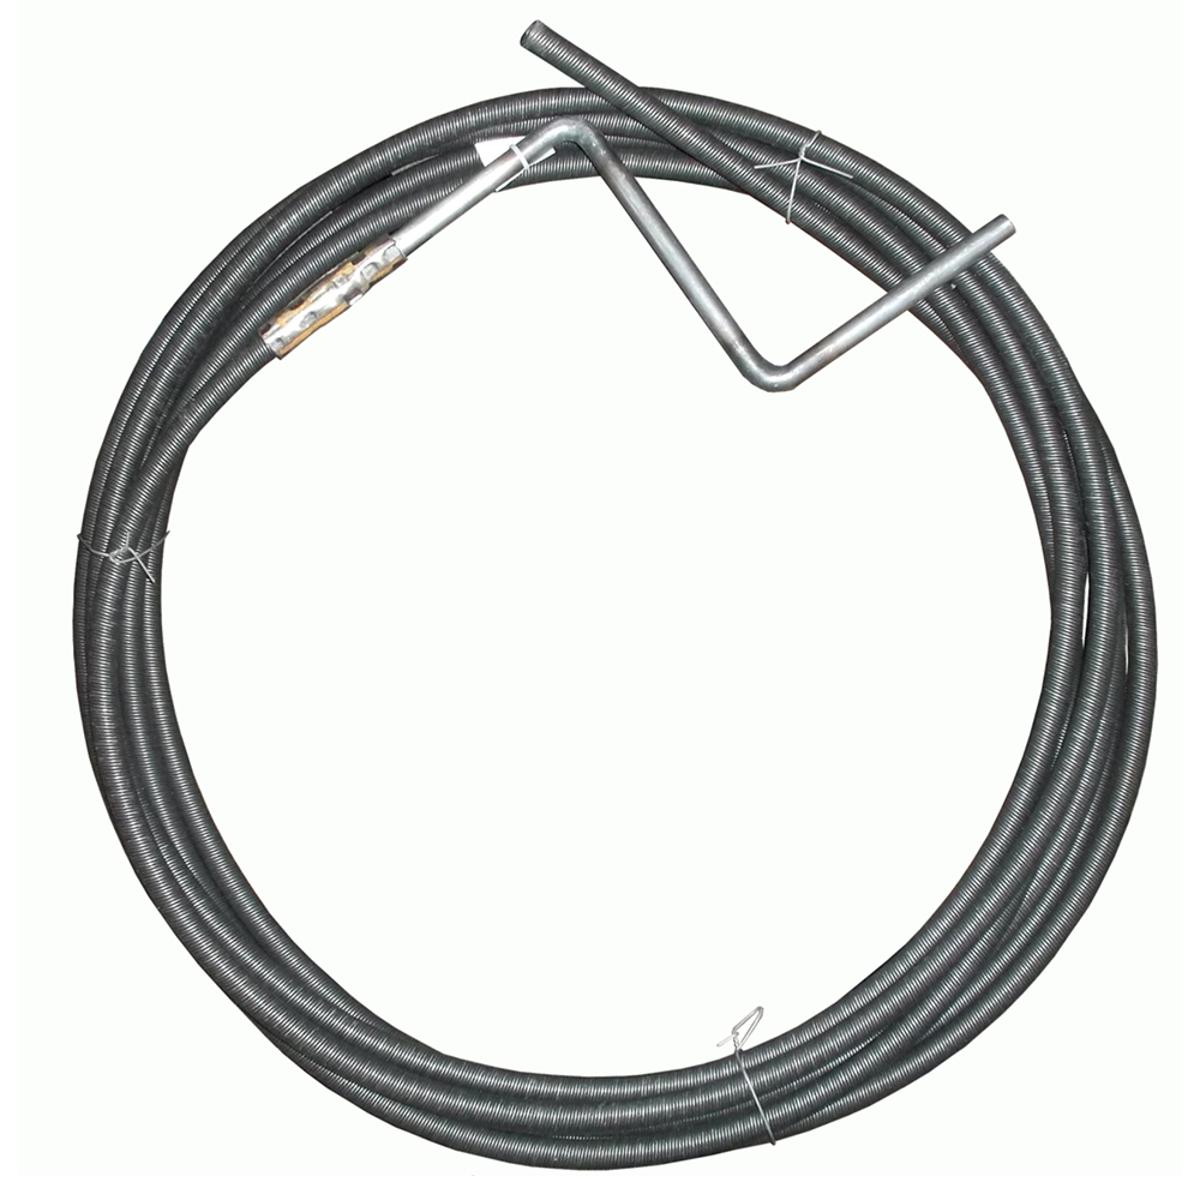 Трос для прочистки канализационных труб Masterprof, пружинный, 9 мм х 5 м730228_белый, сиреневыйПружинный трос Masterprof выполнен из металла и предназначен для прочистки канализационных труб.Диаметр: 9 мм.Длина: 5 м.